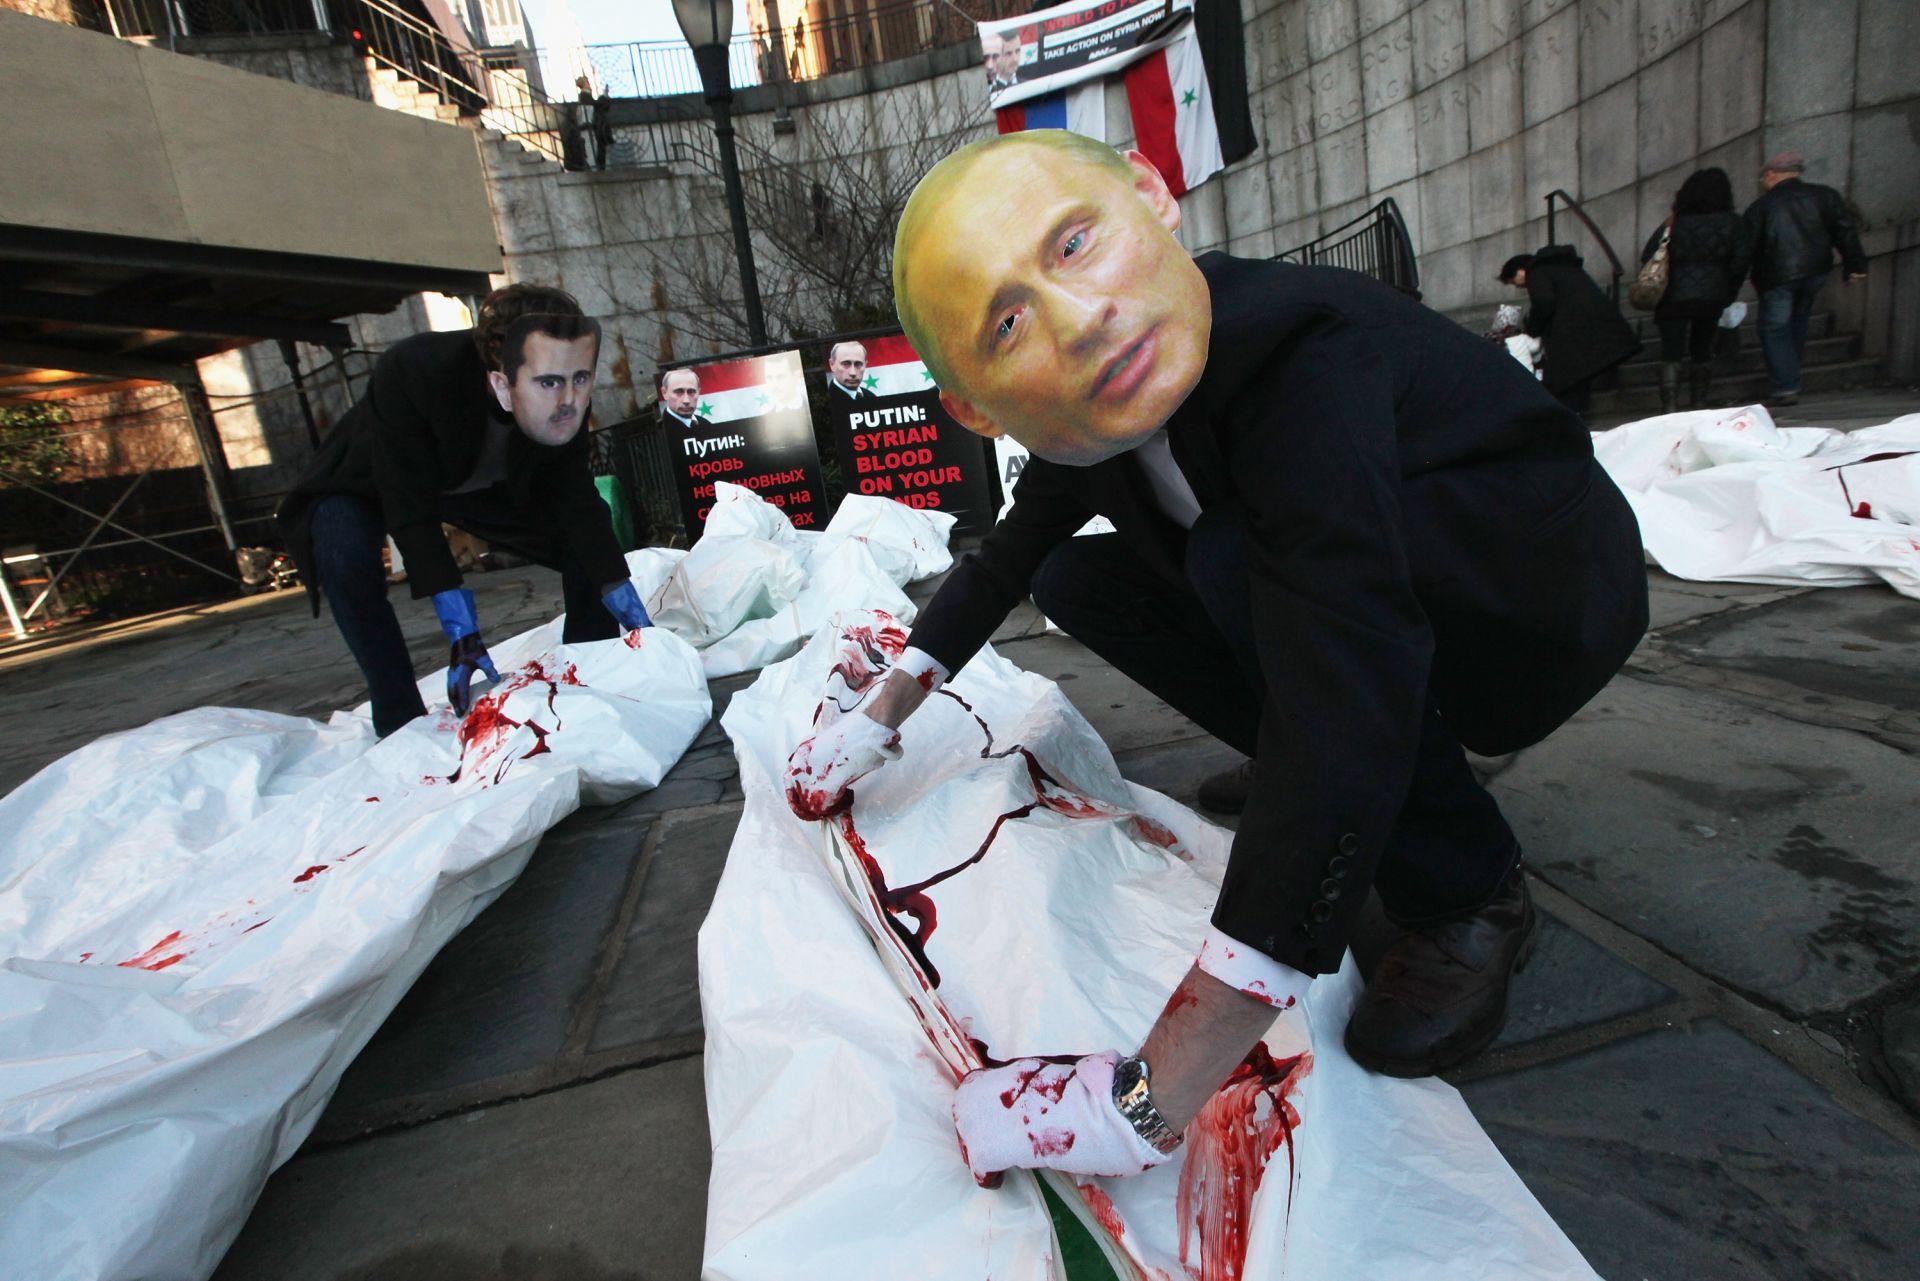 24 януари 2011 г. - Актьори с маски на сирийския президент Башар Асад и руския премиер Владимир Путин по време на демонстрация пред централата на Организацията на обединените нации в Ню Йорк. Протестиращите призоваха Съвета за сигурност на САЩ да приеме резолюция, за да спре насилието срещу сирийската опозиция.